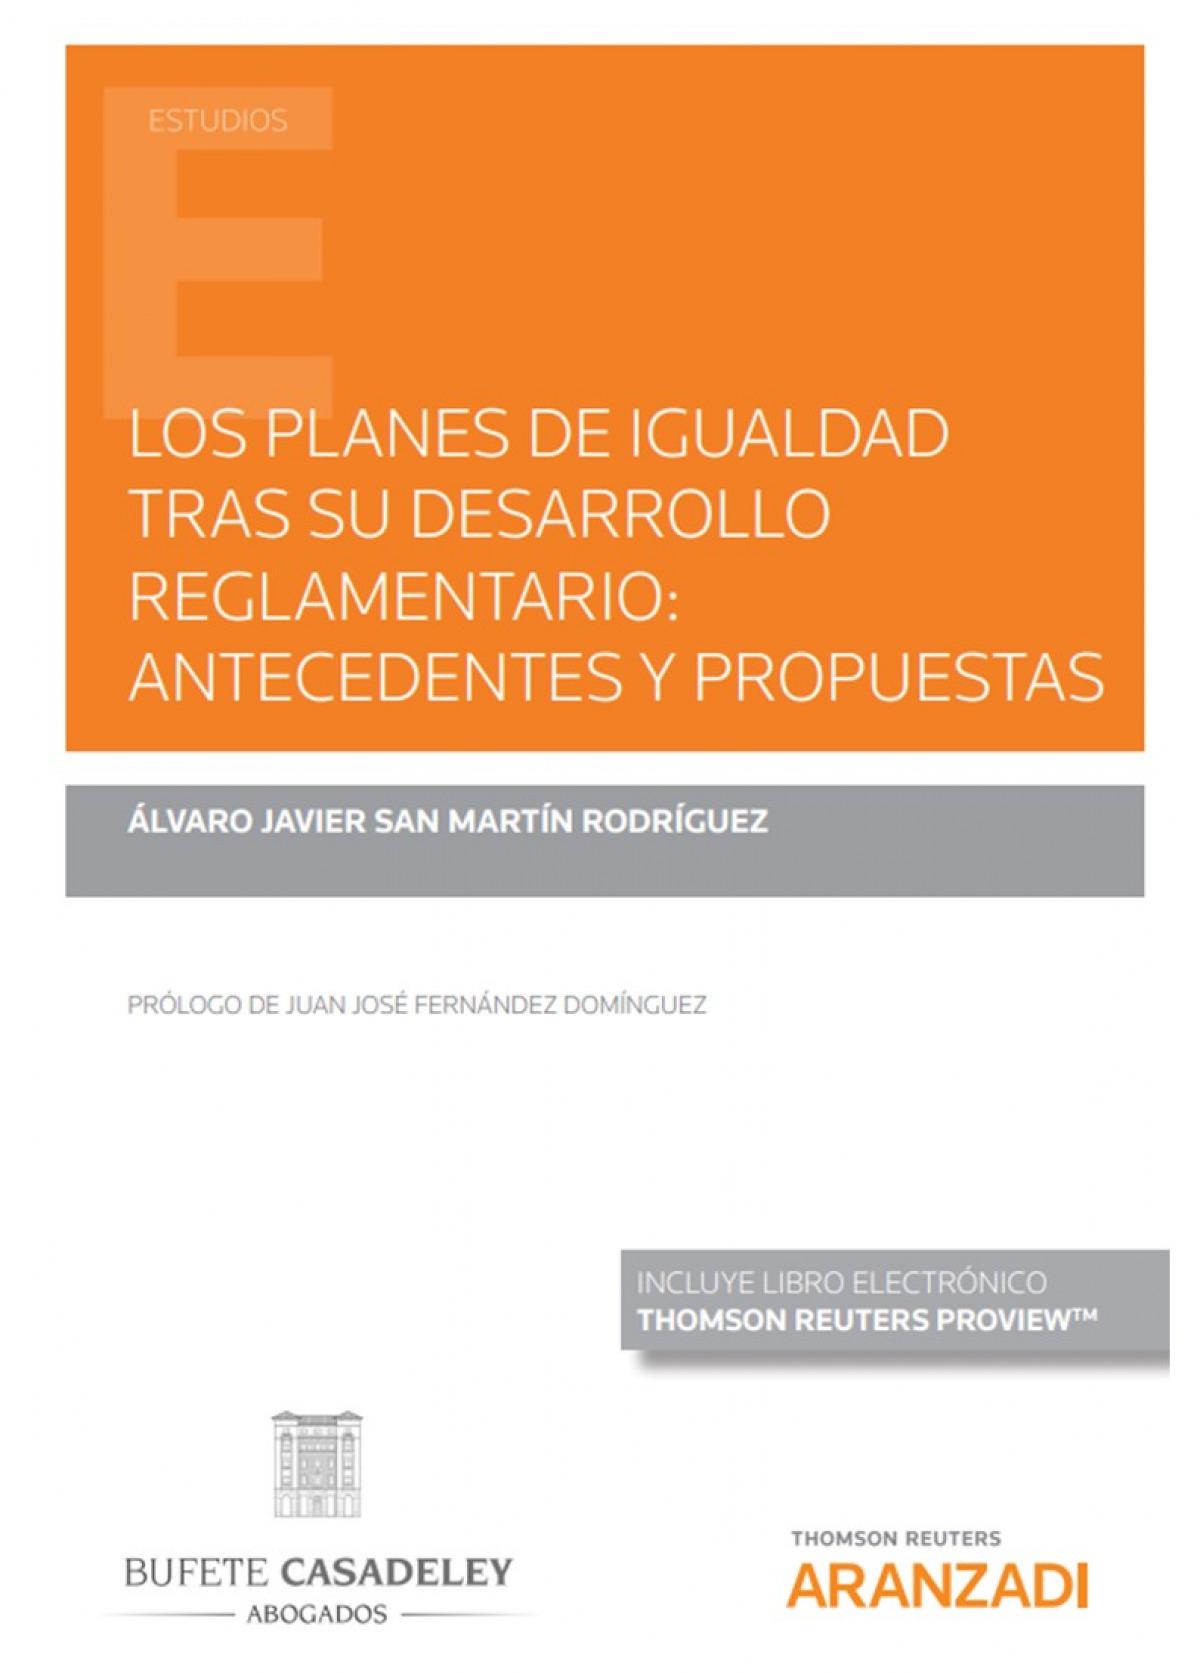 Los planes de igualdad tras su desarrollo reglamentario: antecedentes y propuestas (Papel + e-book)